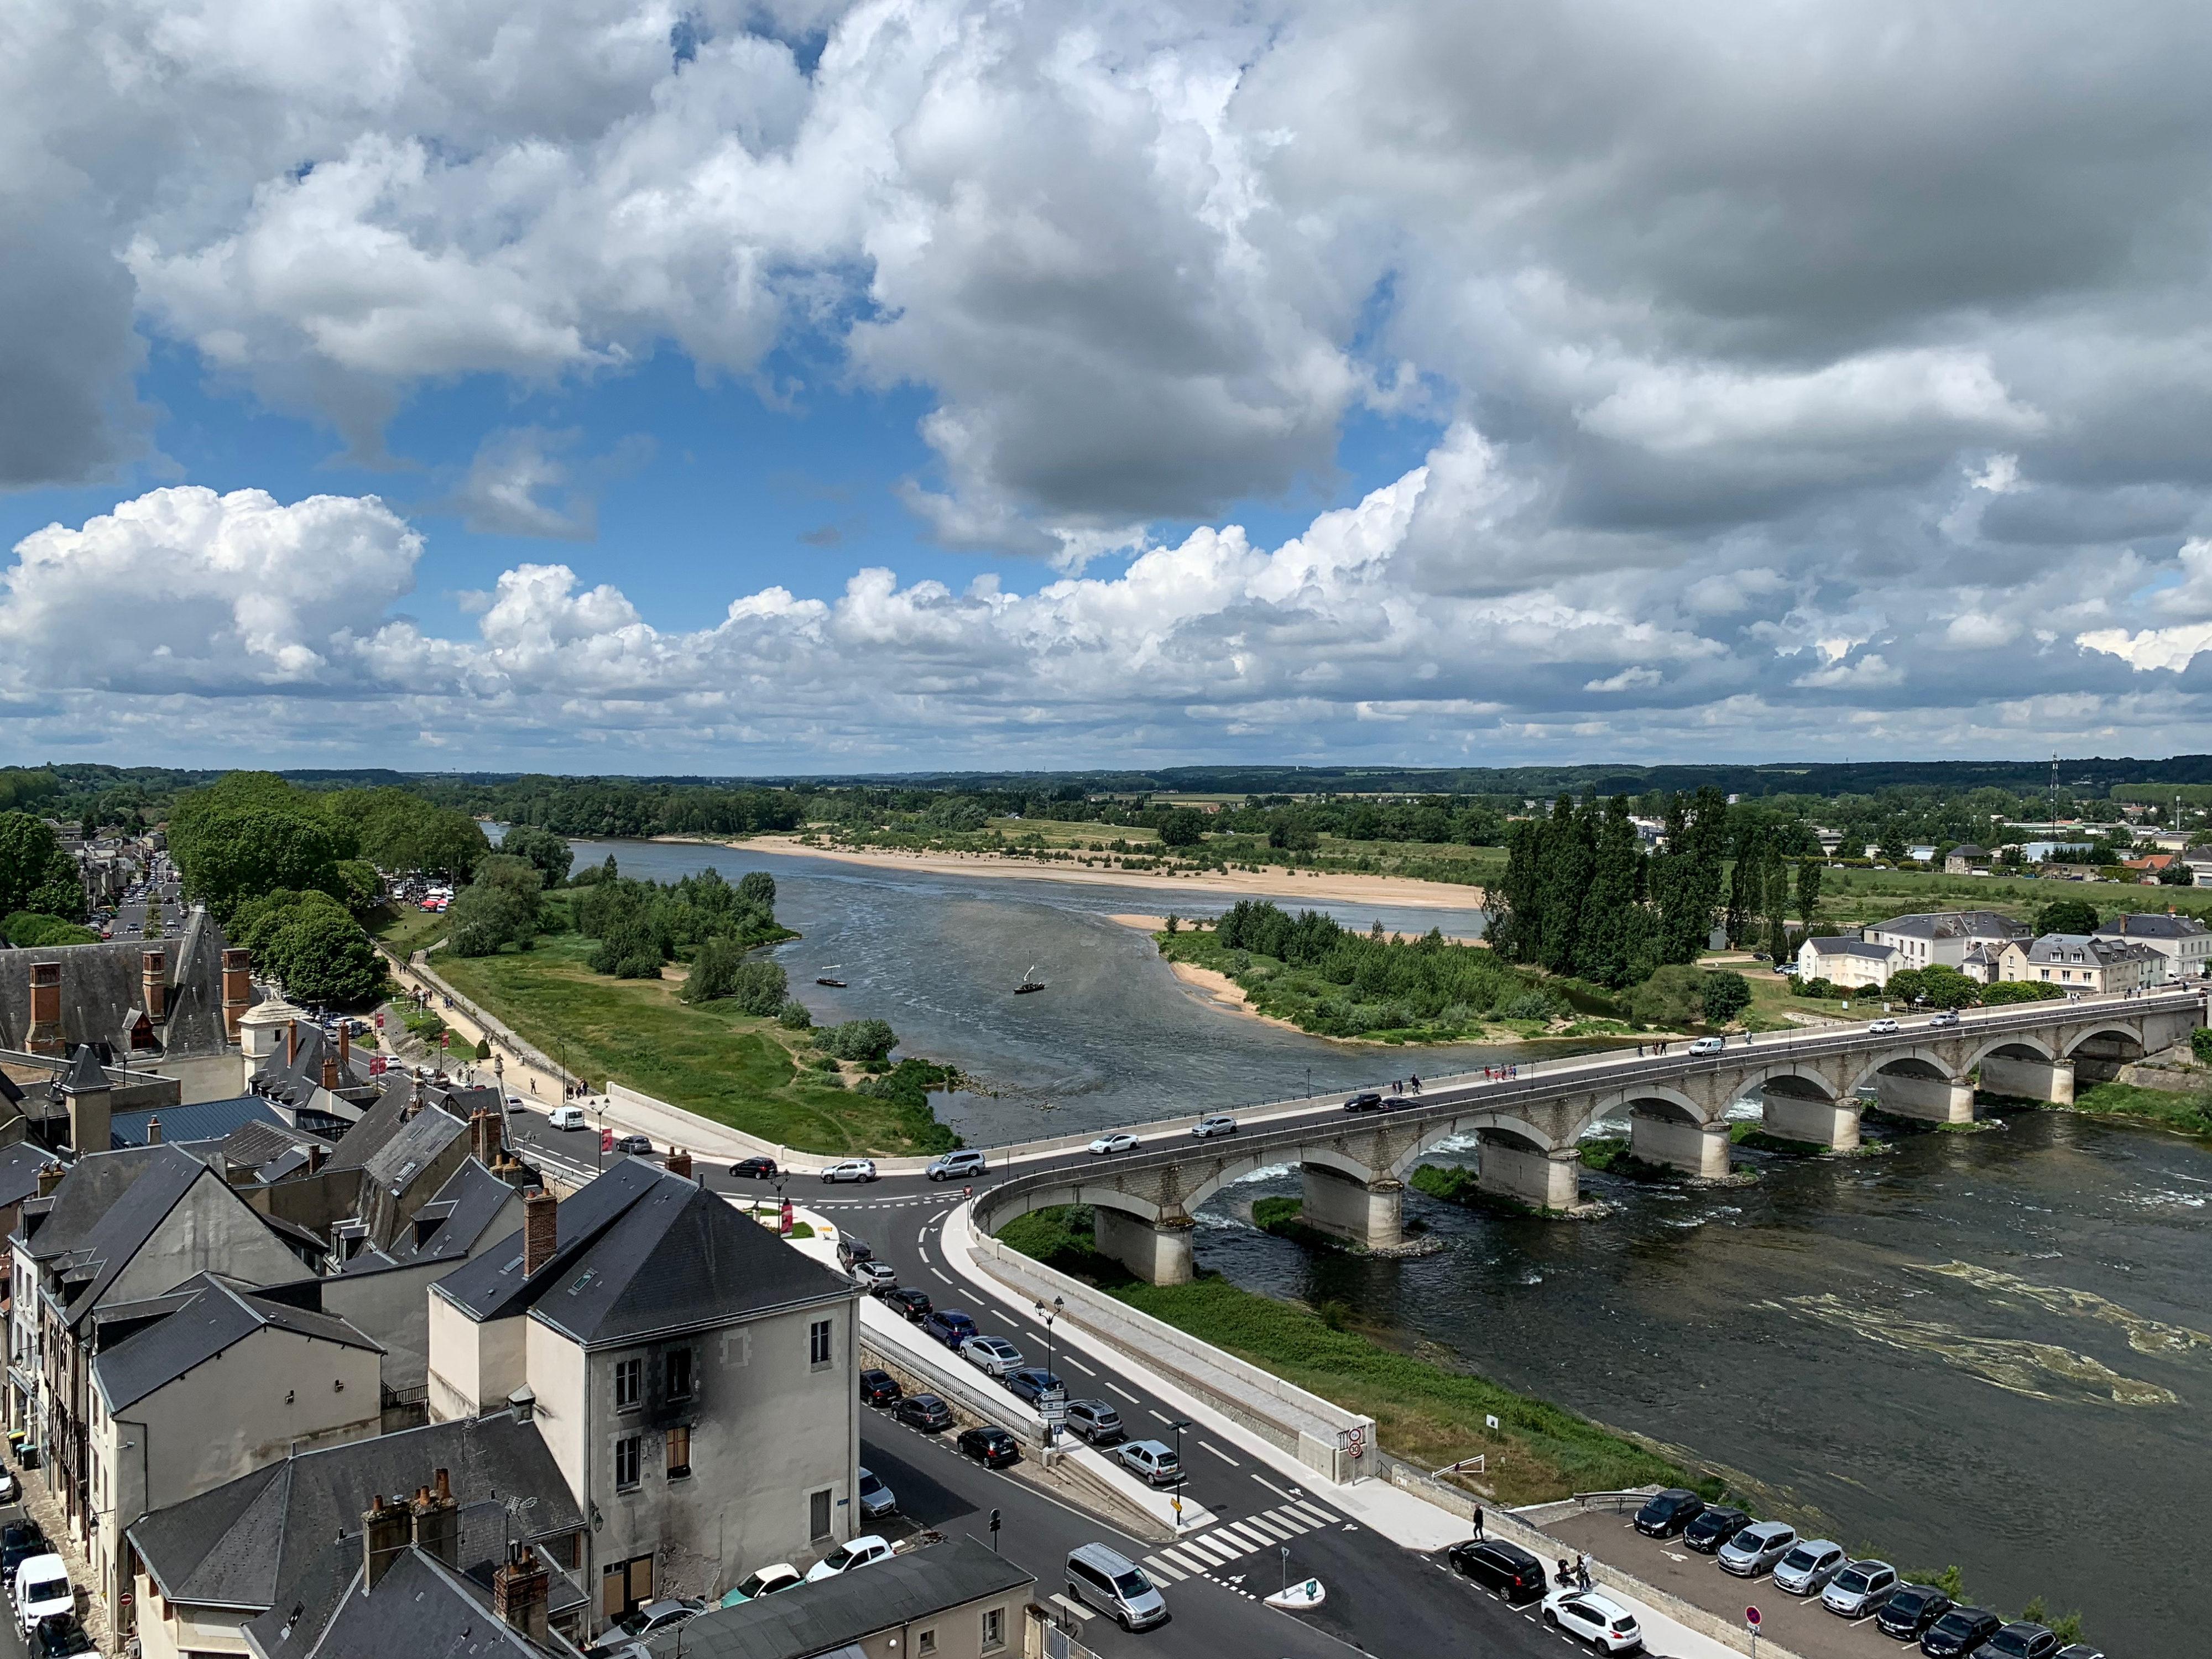 Amboise Loirelandschaft vom Schlossplateau